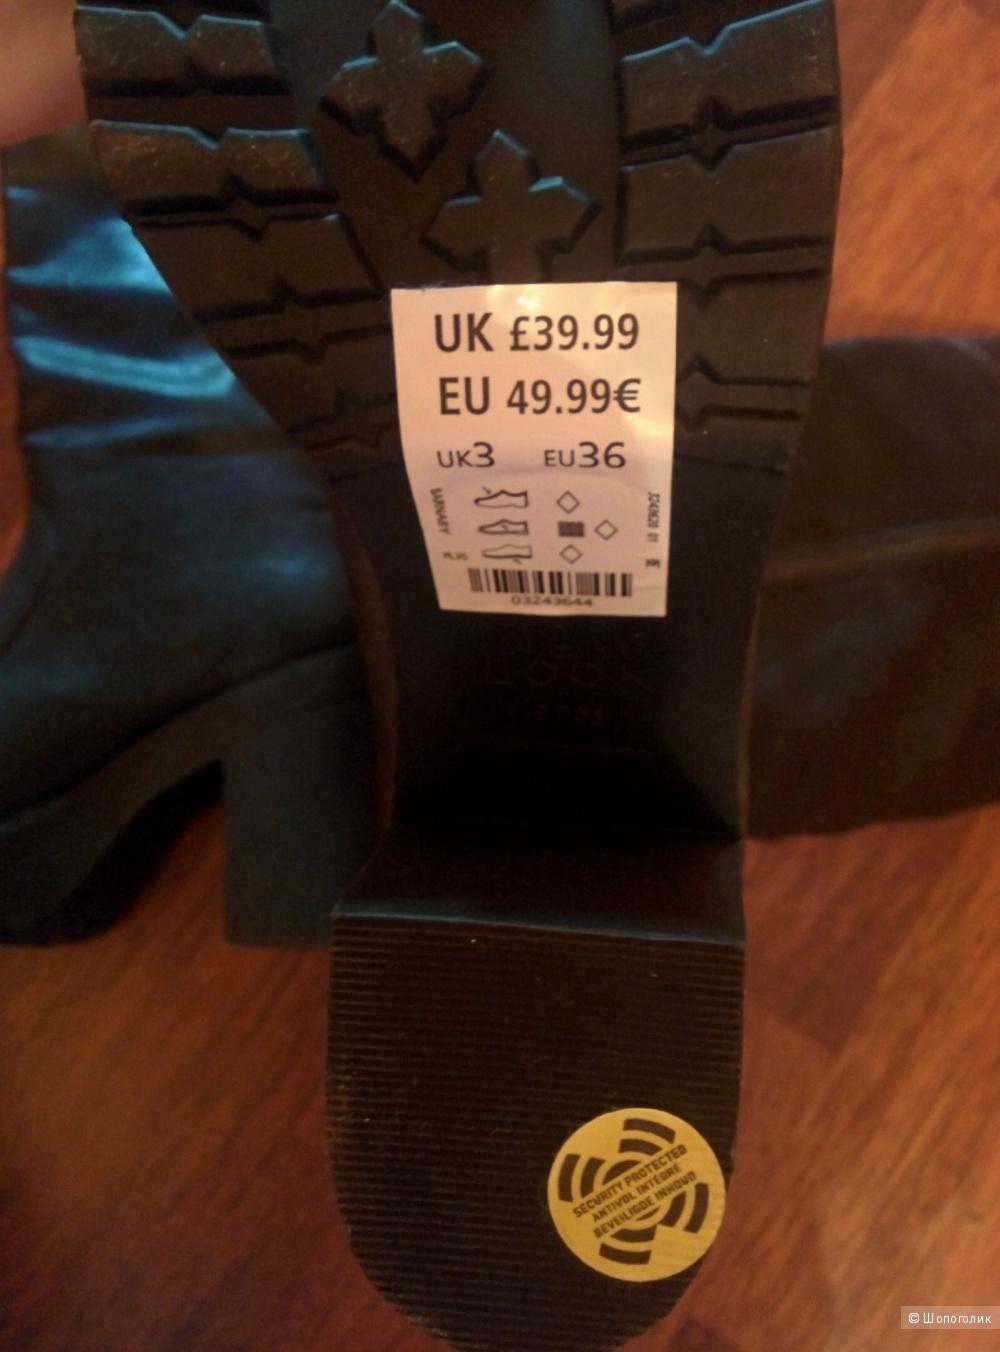 Ботинки с массивной подошвой New Look Barnaby черного цвета / EU36 UK 3 по меркам Asos